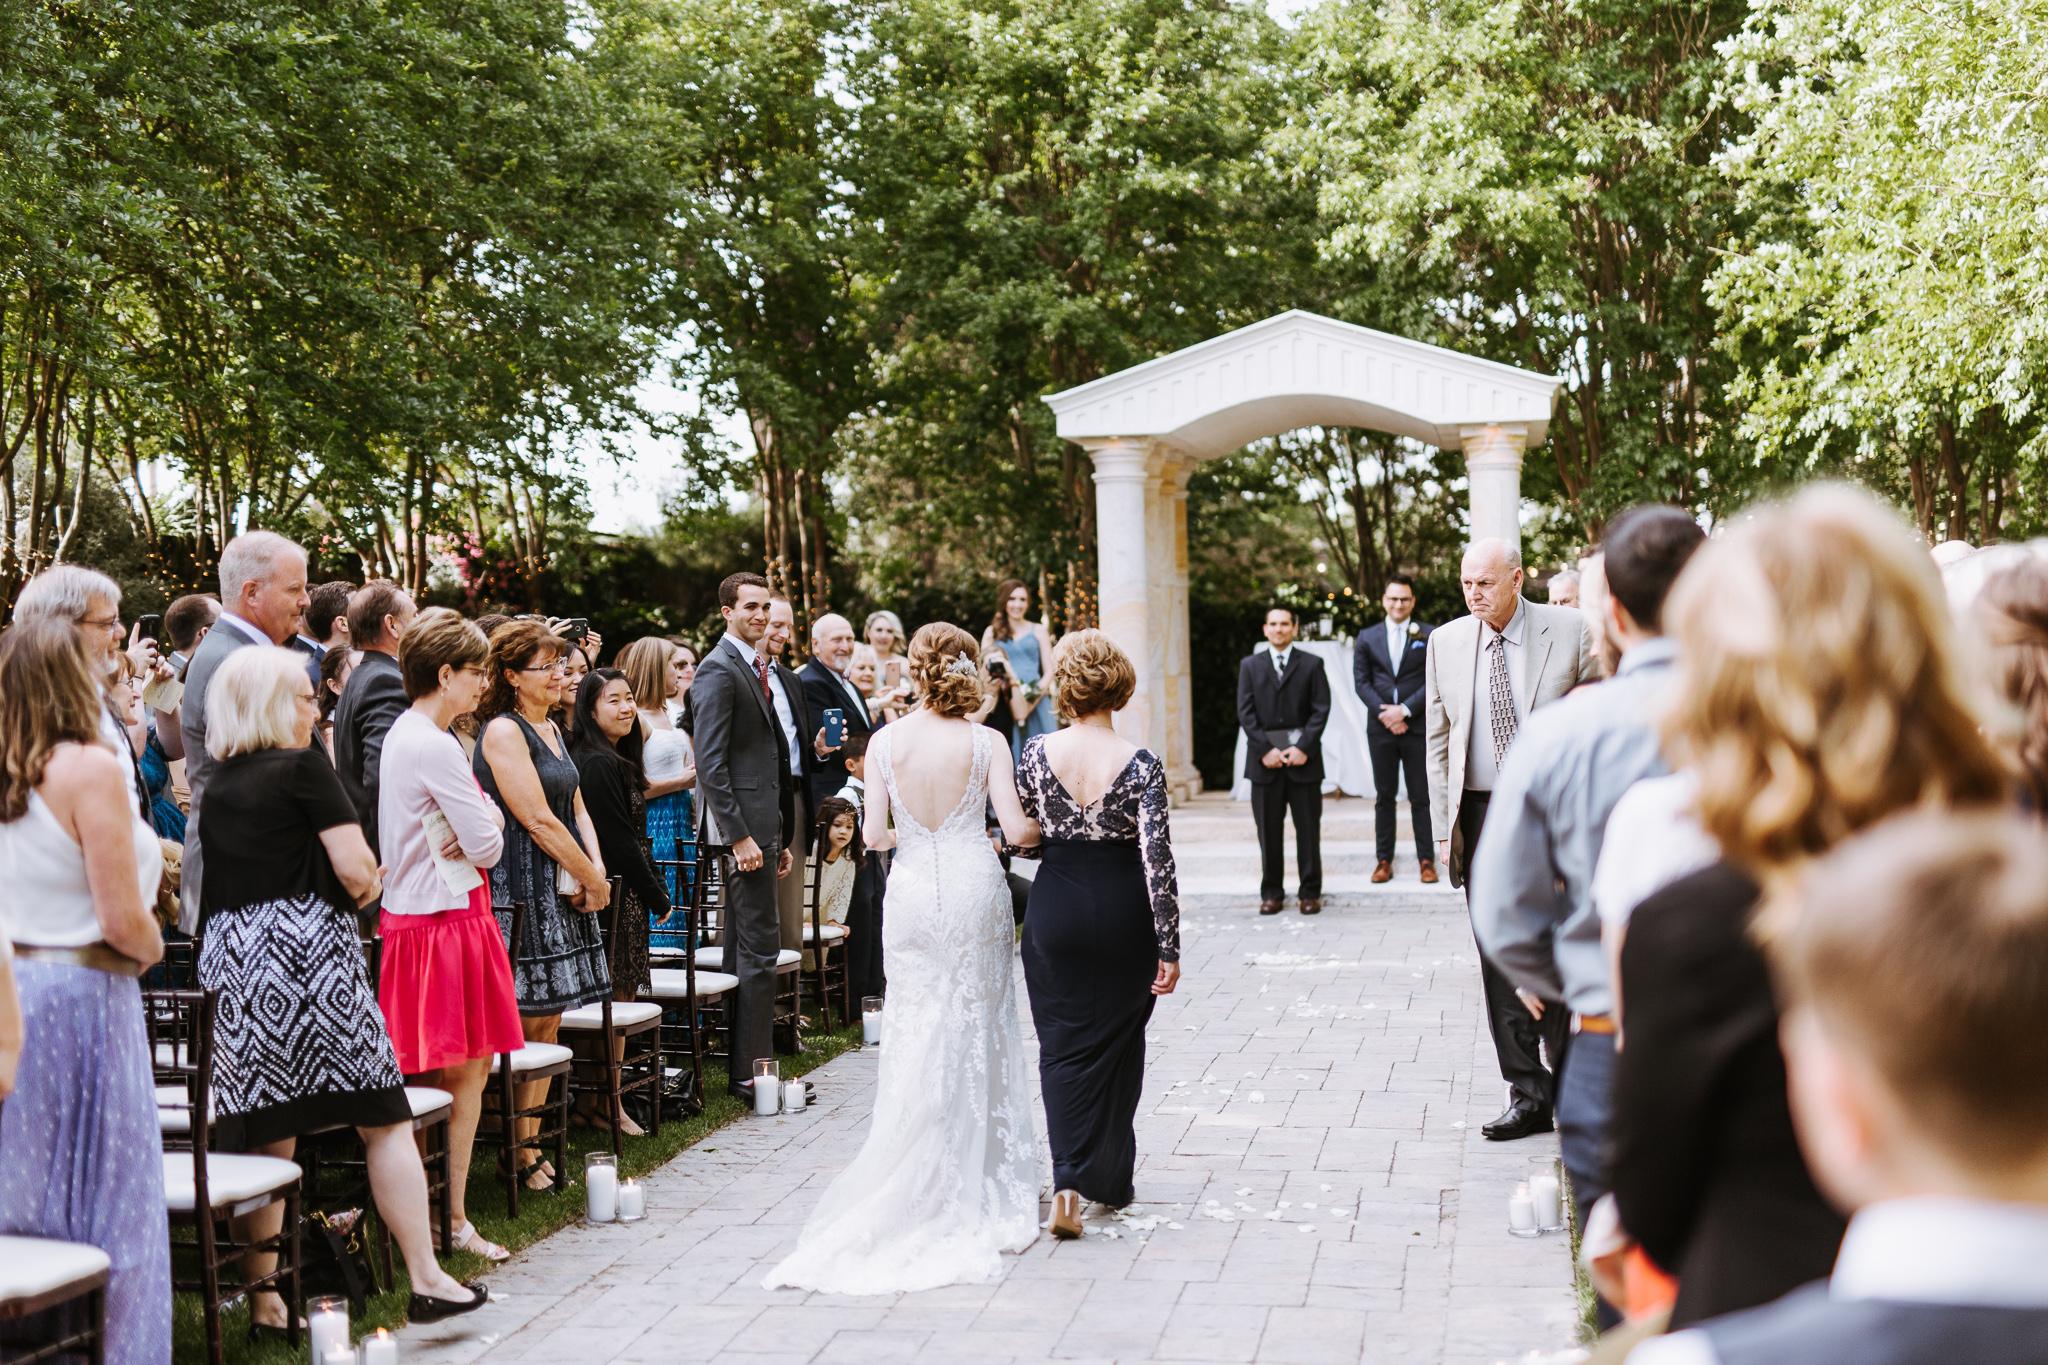 BayArea-Wedding-Photographer-38.jpg